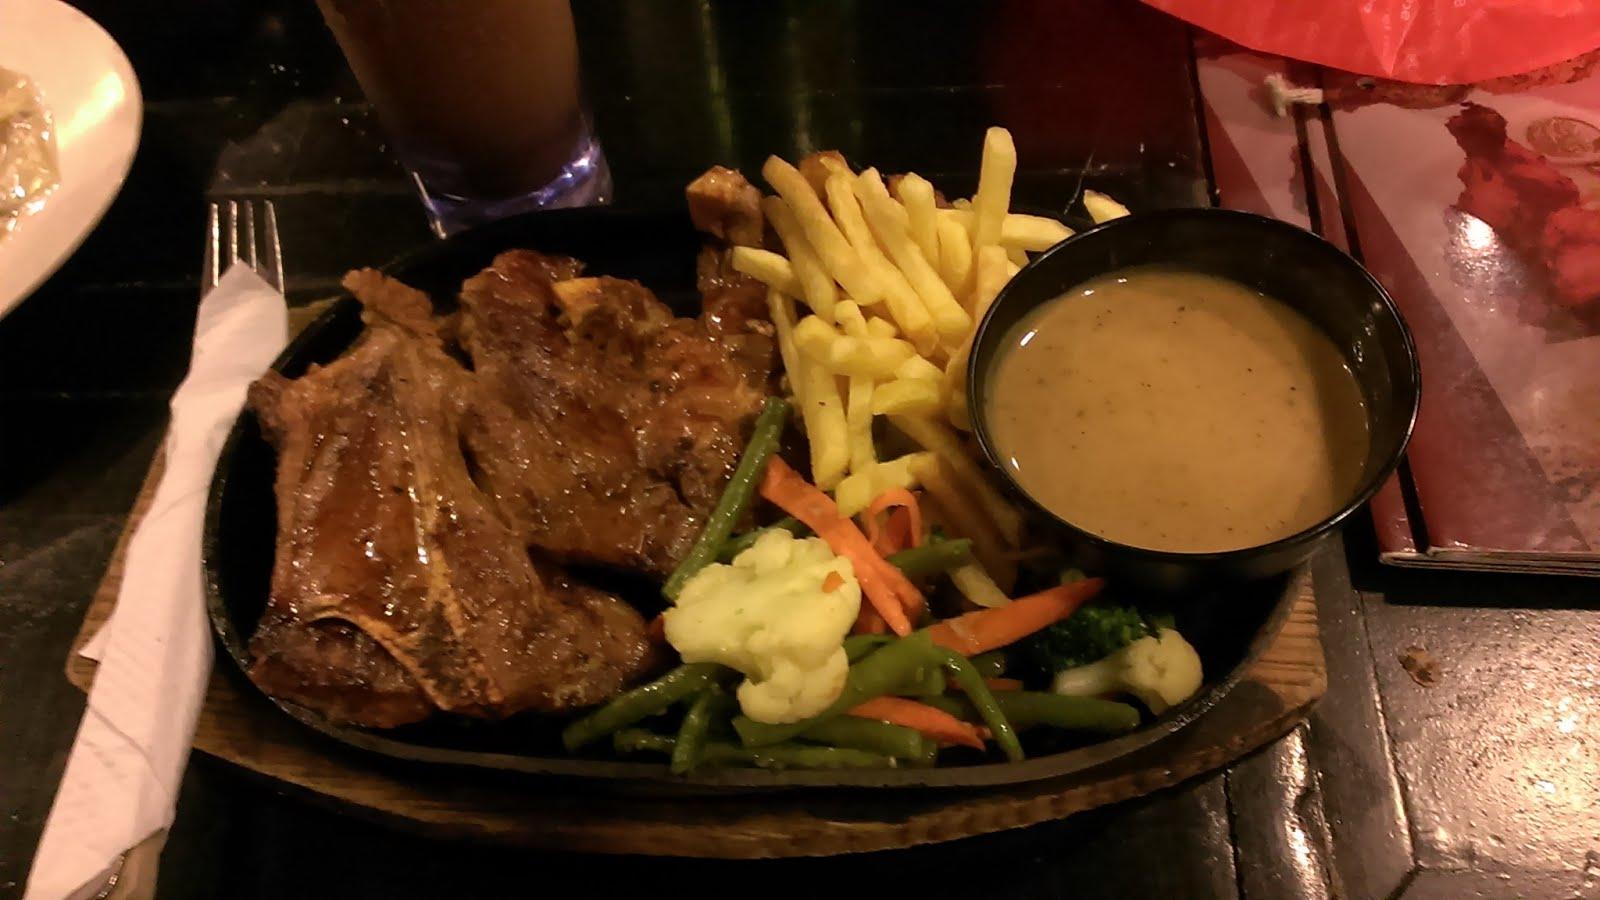 Piccadilly - Seksyen 14, Petaling Jaya, Selangor